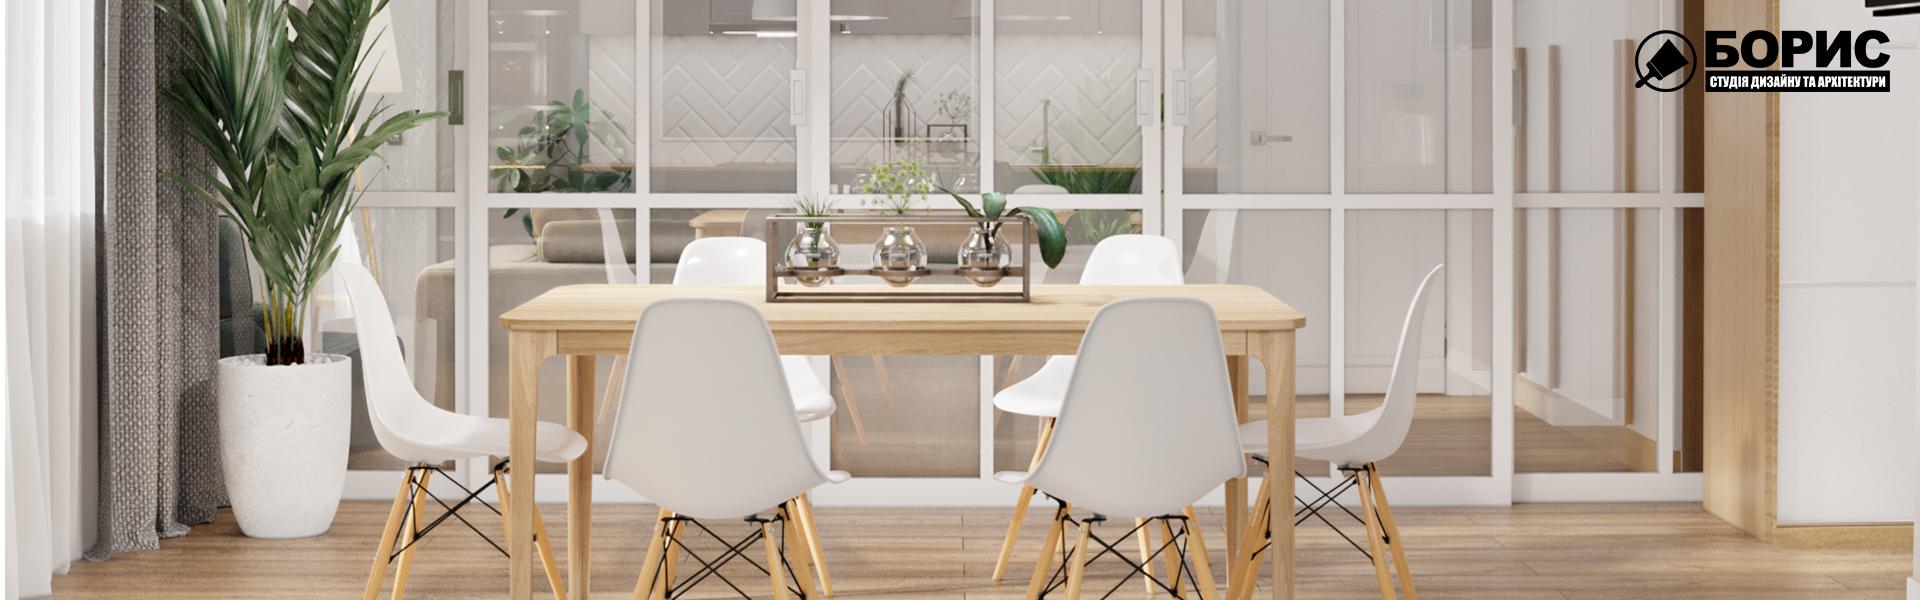 Дизайн интерьера 2020-2021: что сейчас в тренде, дизайн квартиры в современном стиле